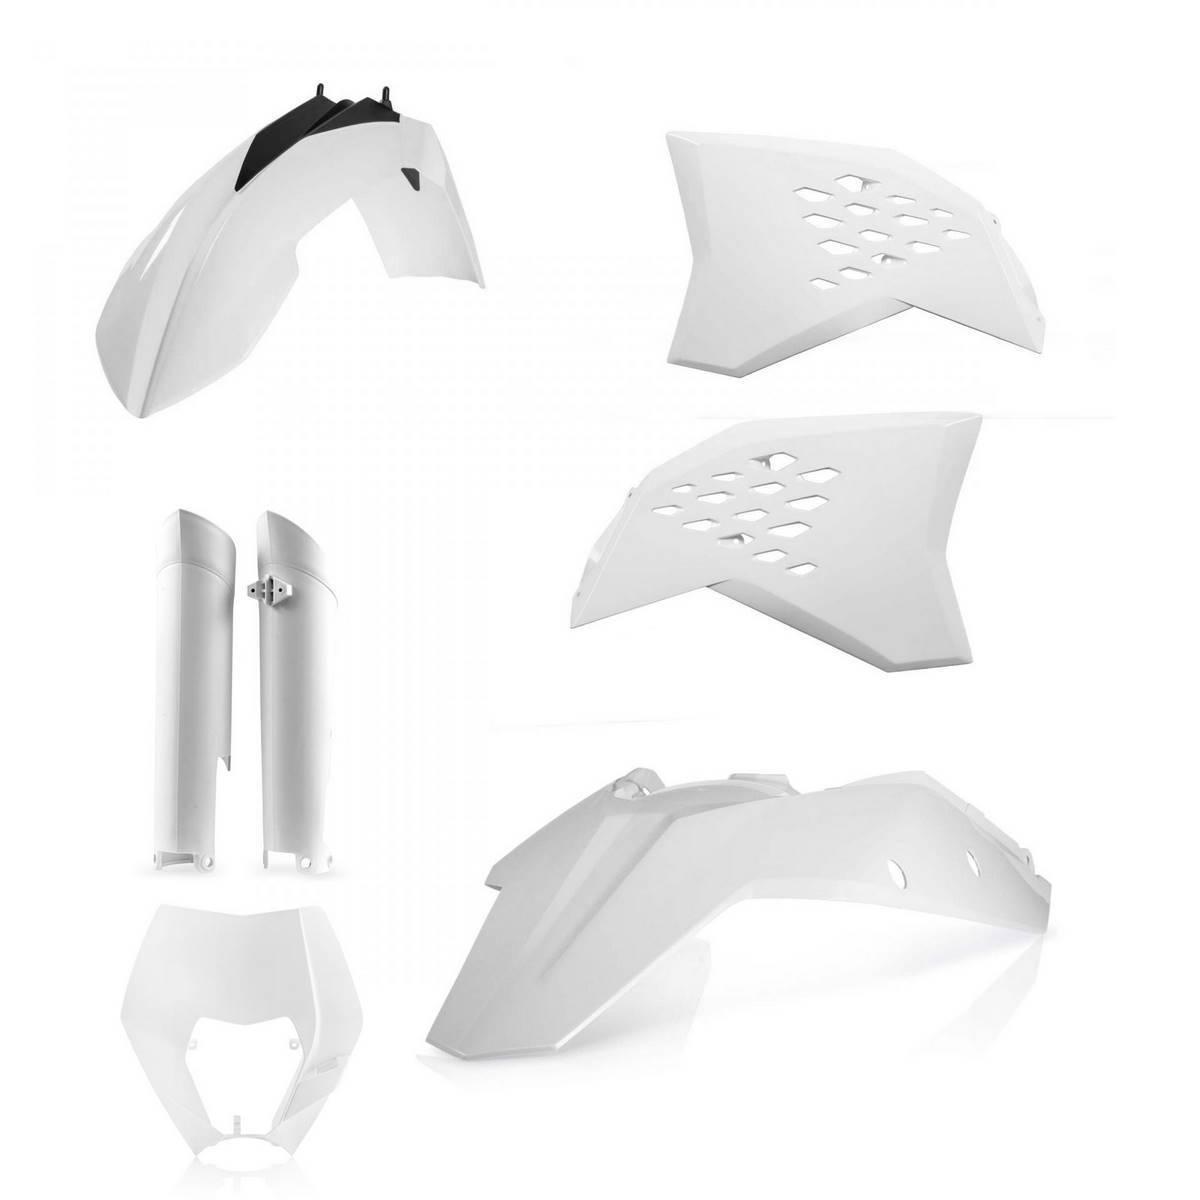 0014219-030 - Full Kit Plasticos Exc Excf 08 11 Blanco